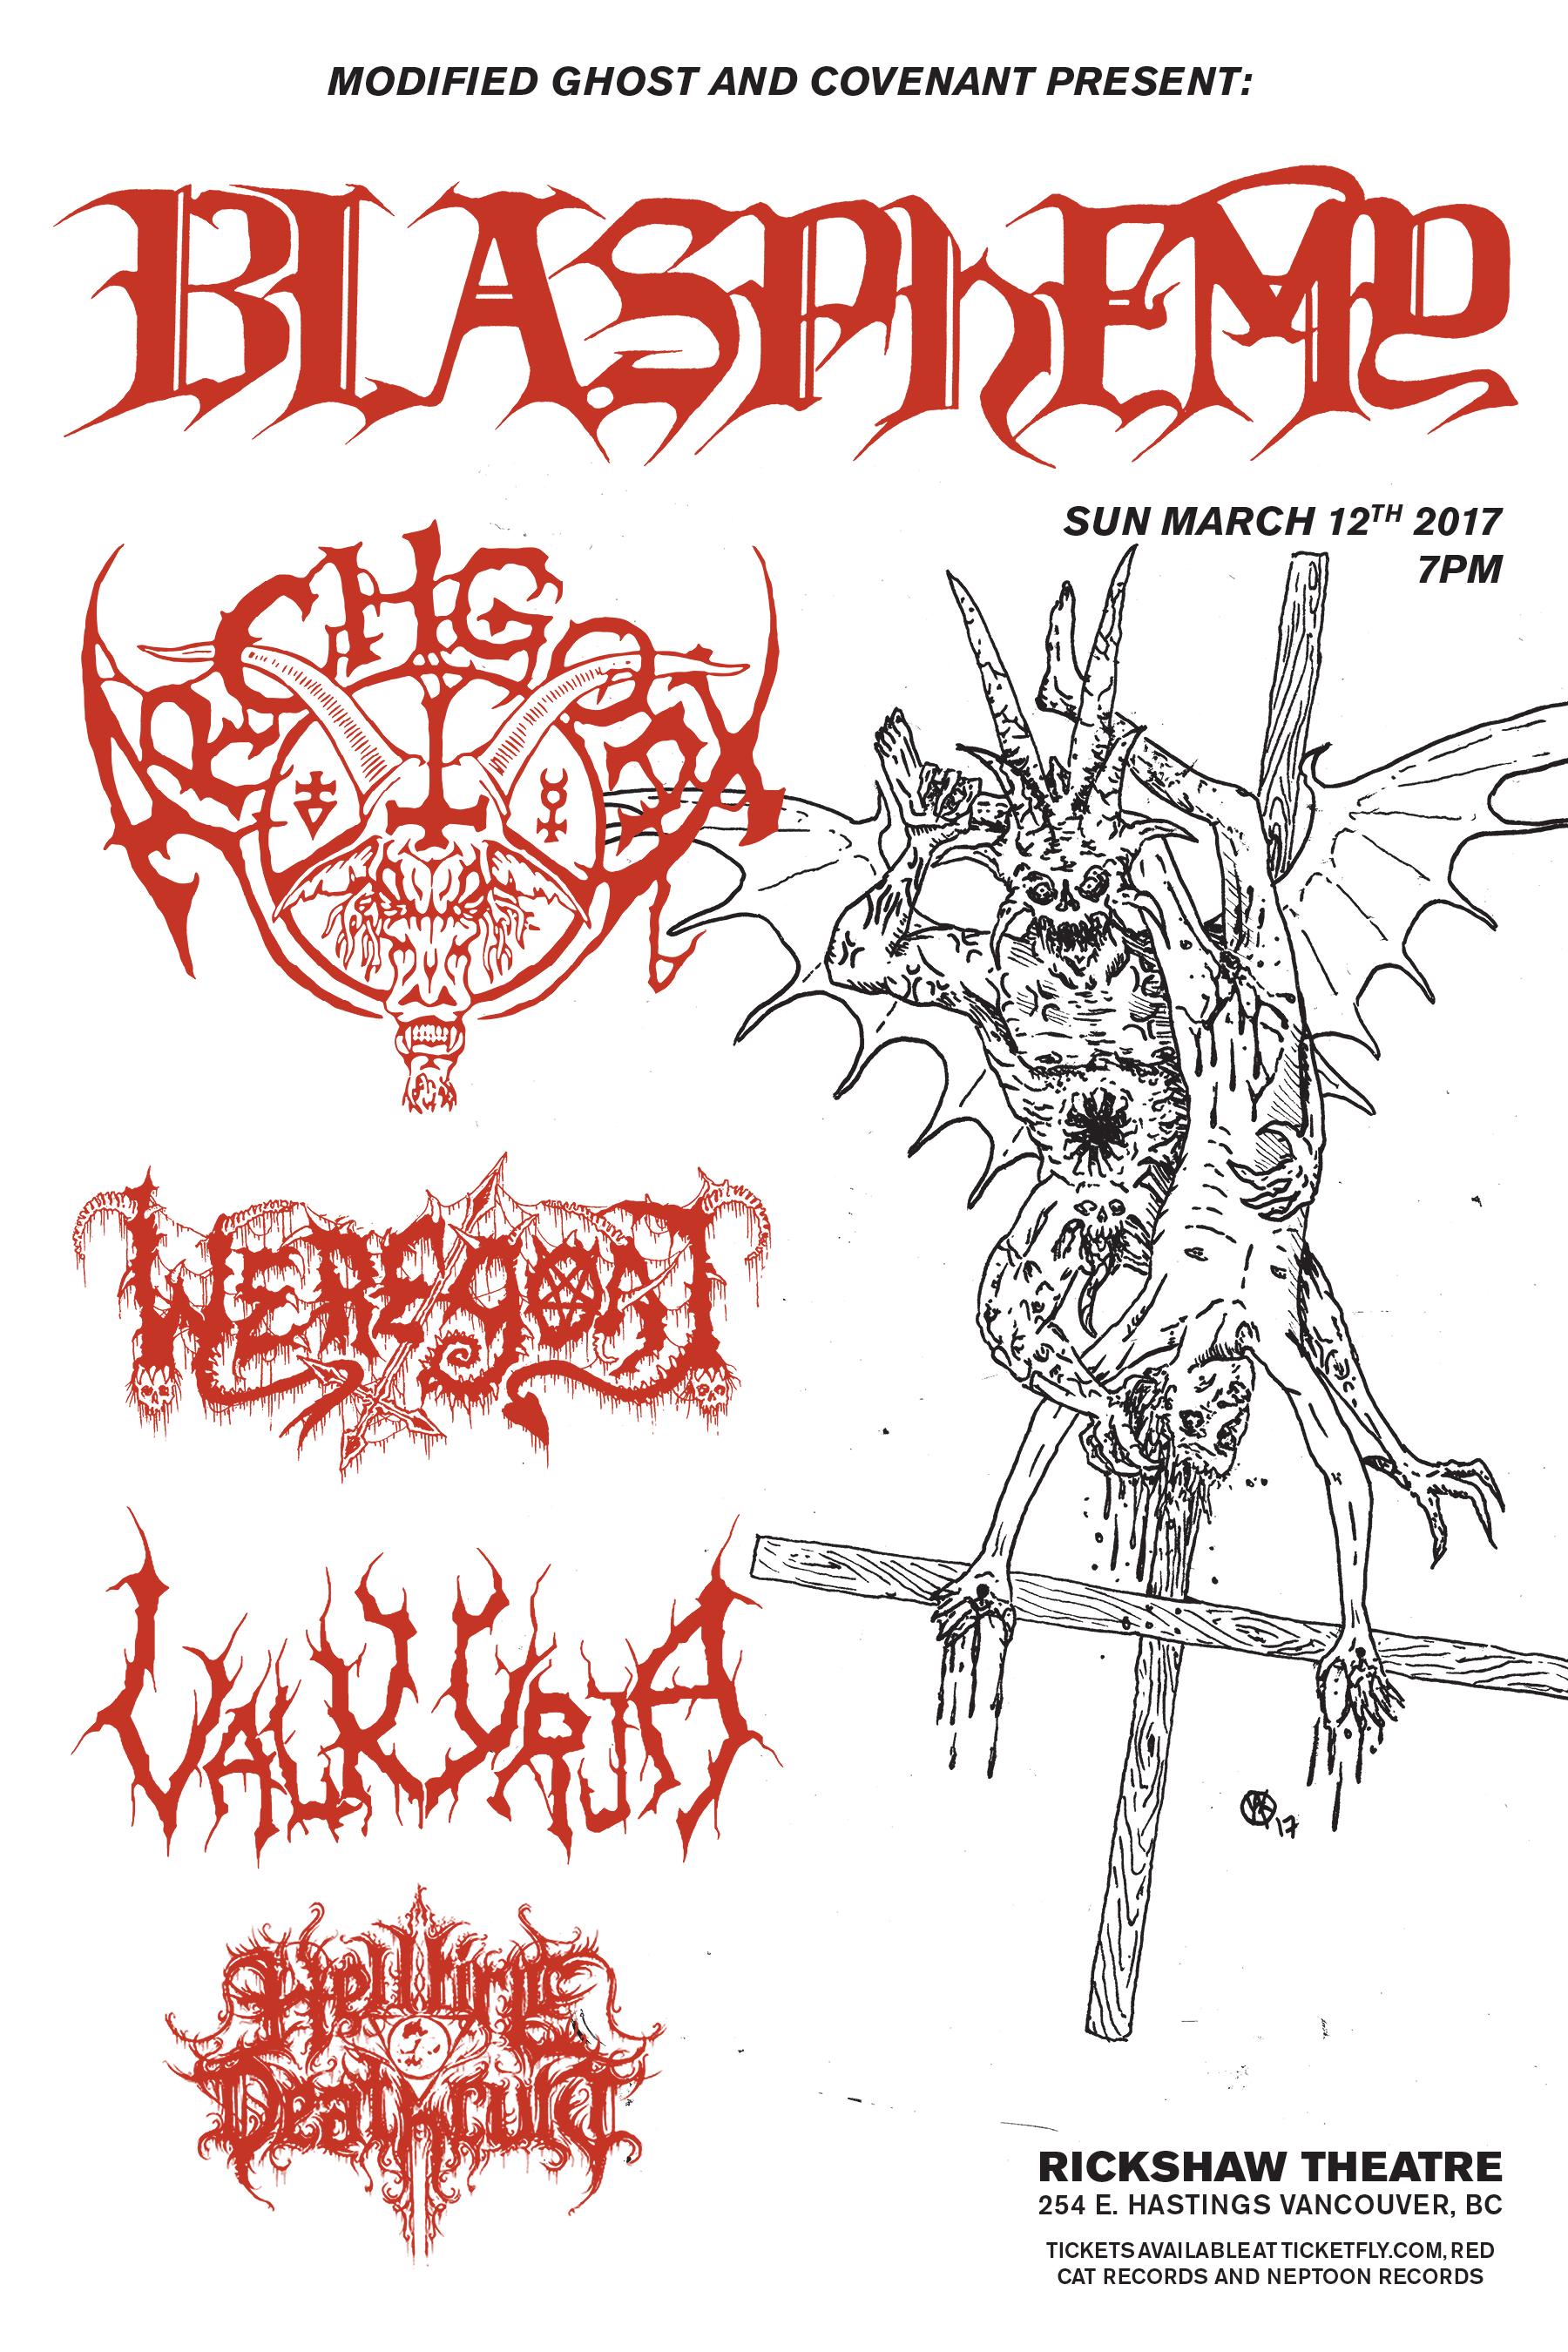 Blasphemy / Archgoat Flyer